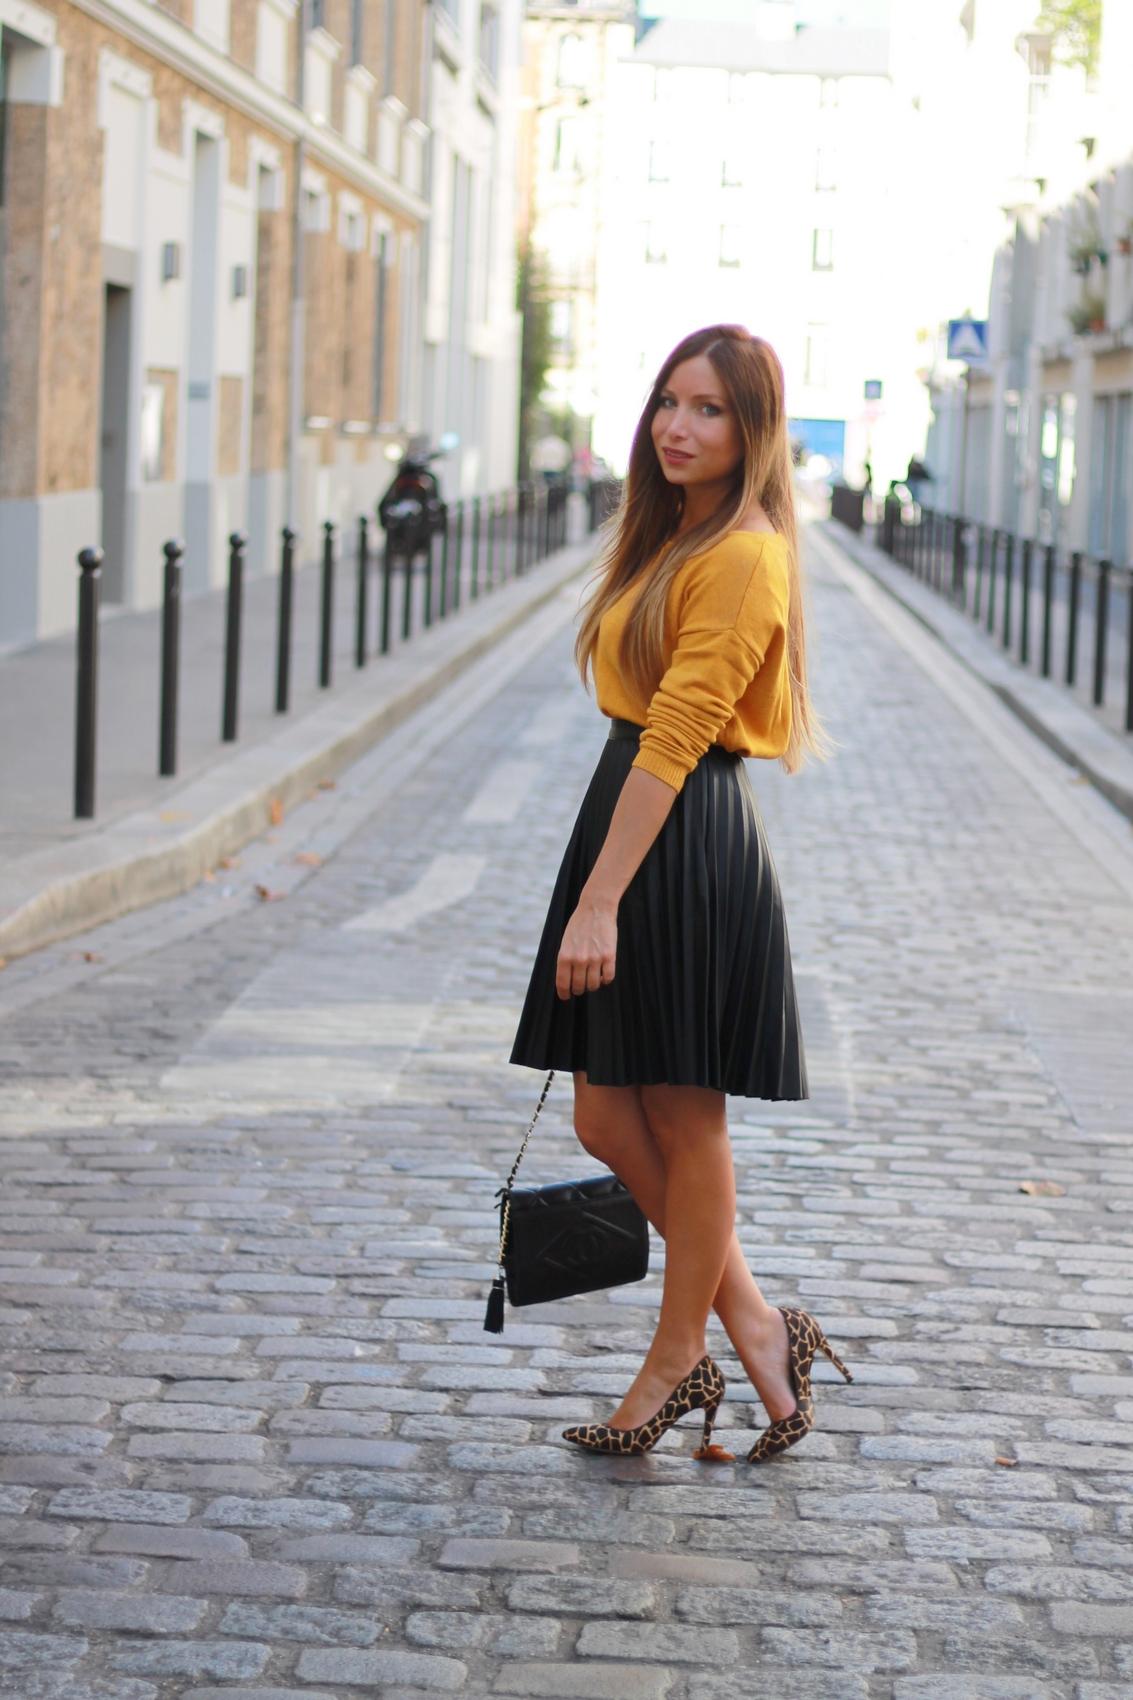 jupe midi en cuir noir pull jaune escarpins leopard sac matelassé chanel vintage